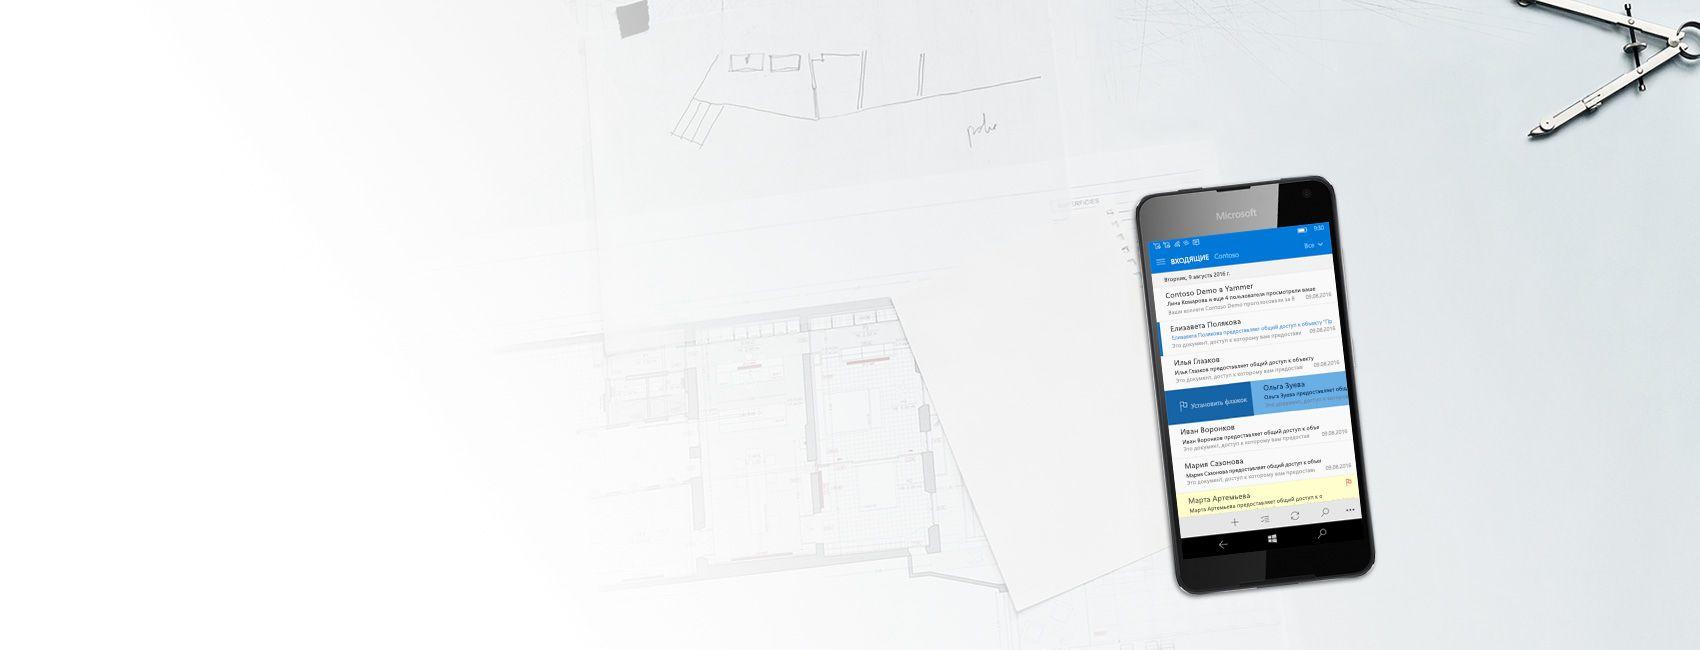 """Папка """"Входящие"""" в Outlook для Windows10 Mobile."""